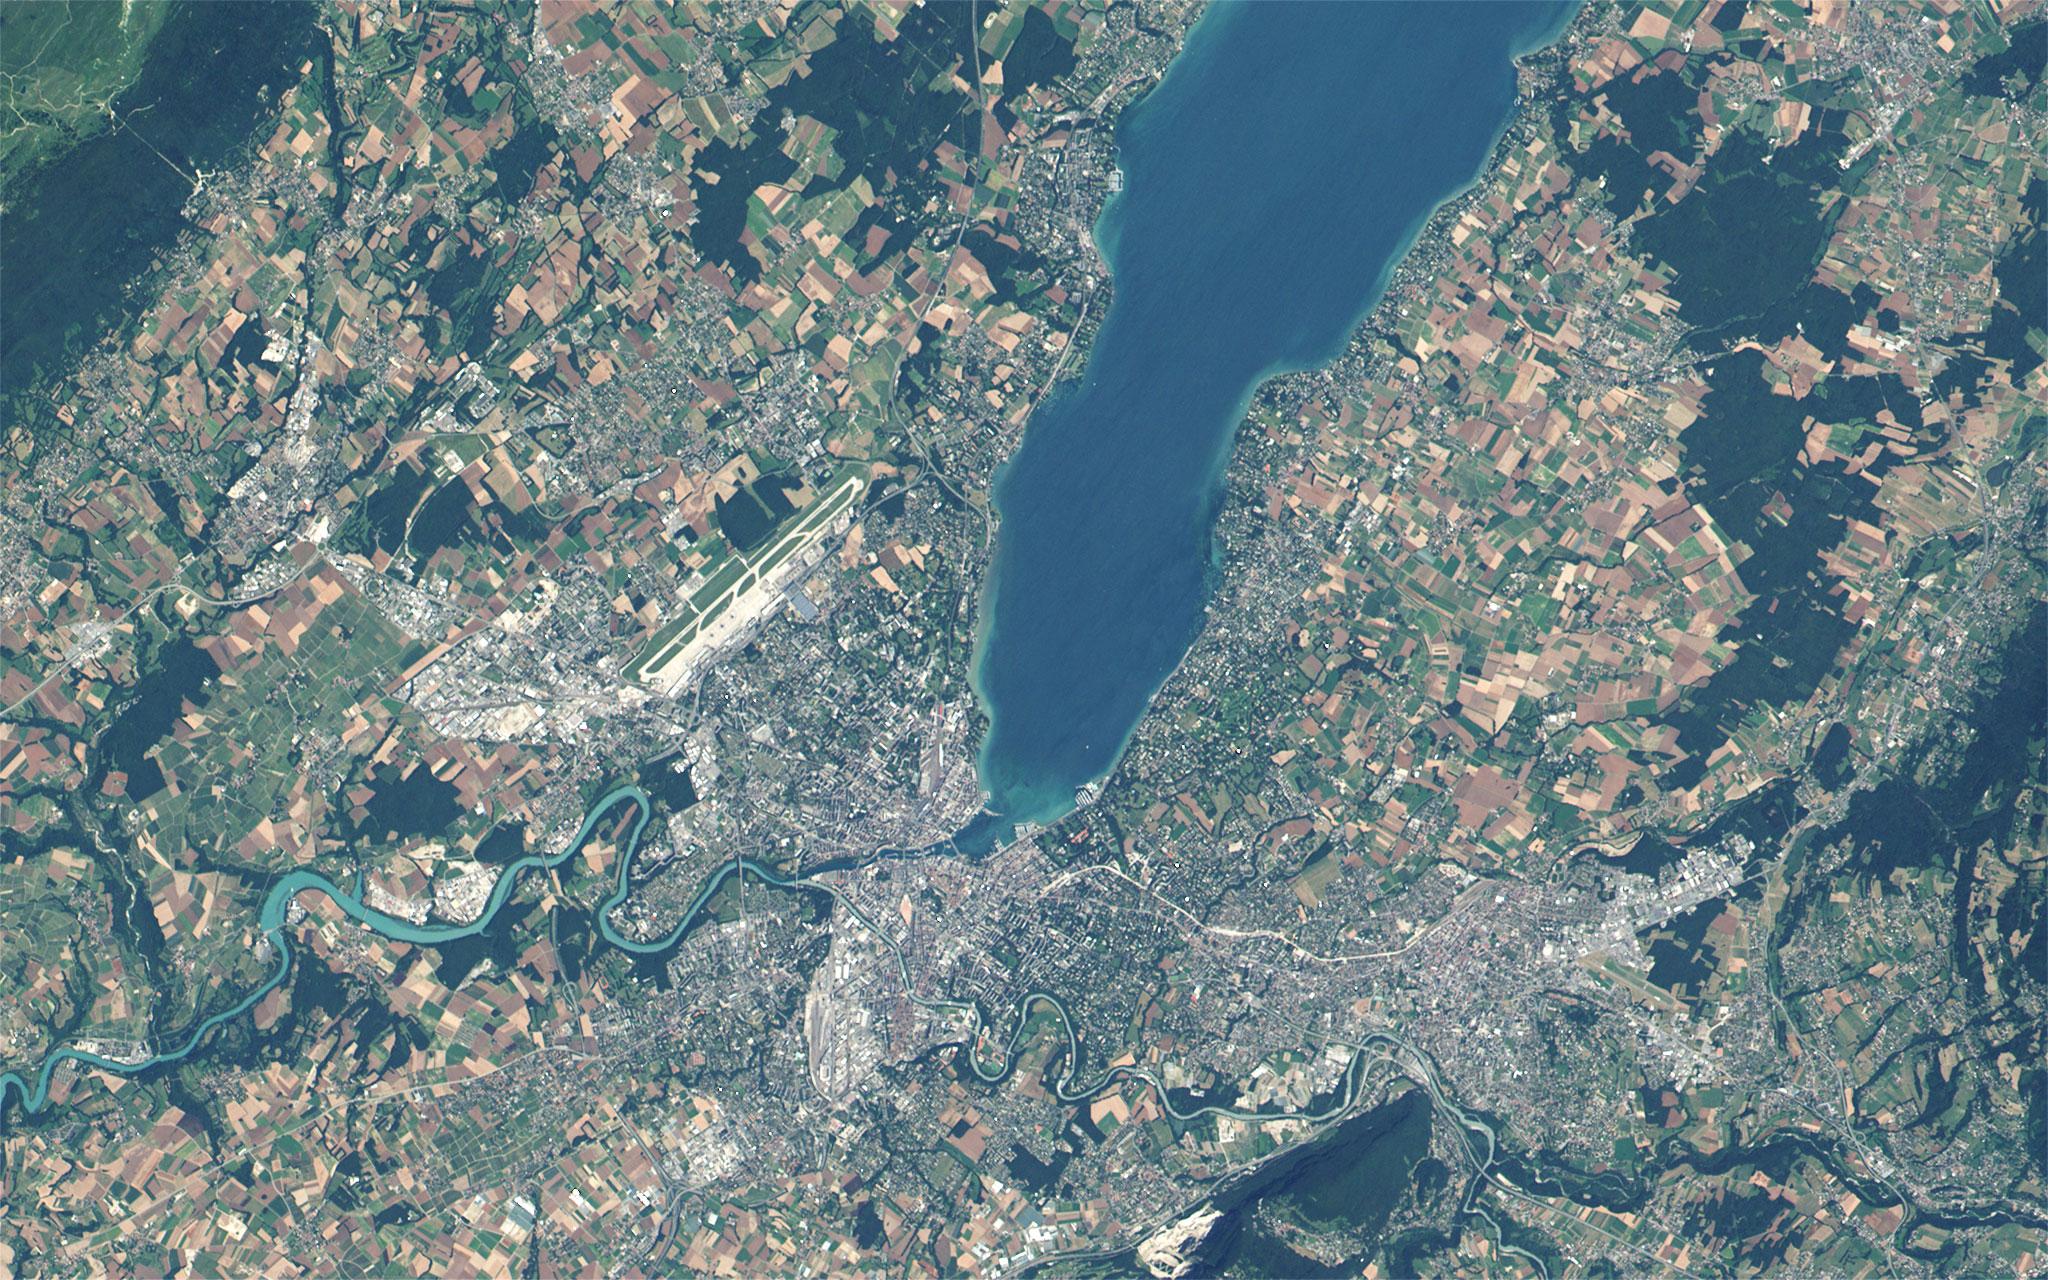 FileGeneva Switzerland Satellite Viewjpg Wikimedia Commons - Satellite view